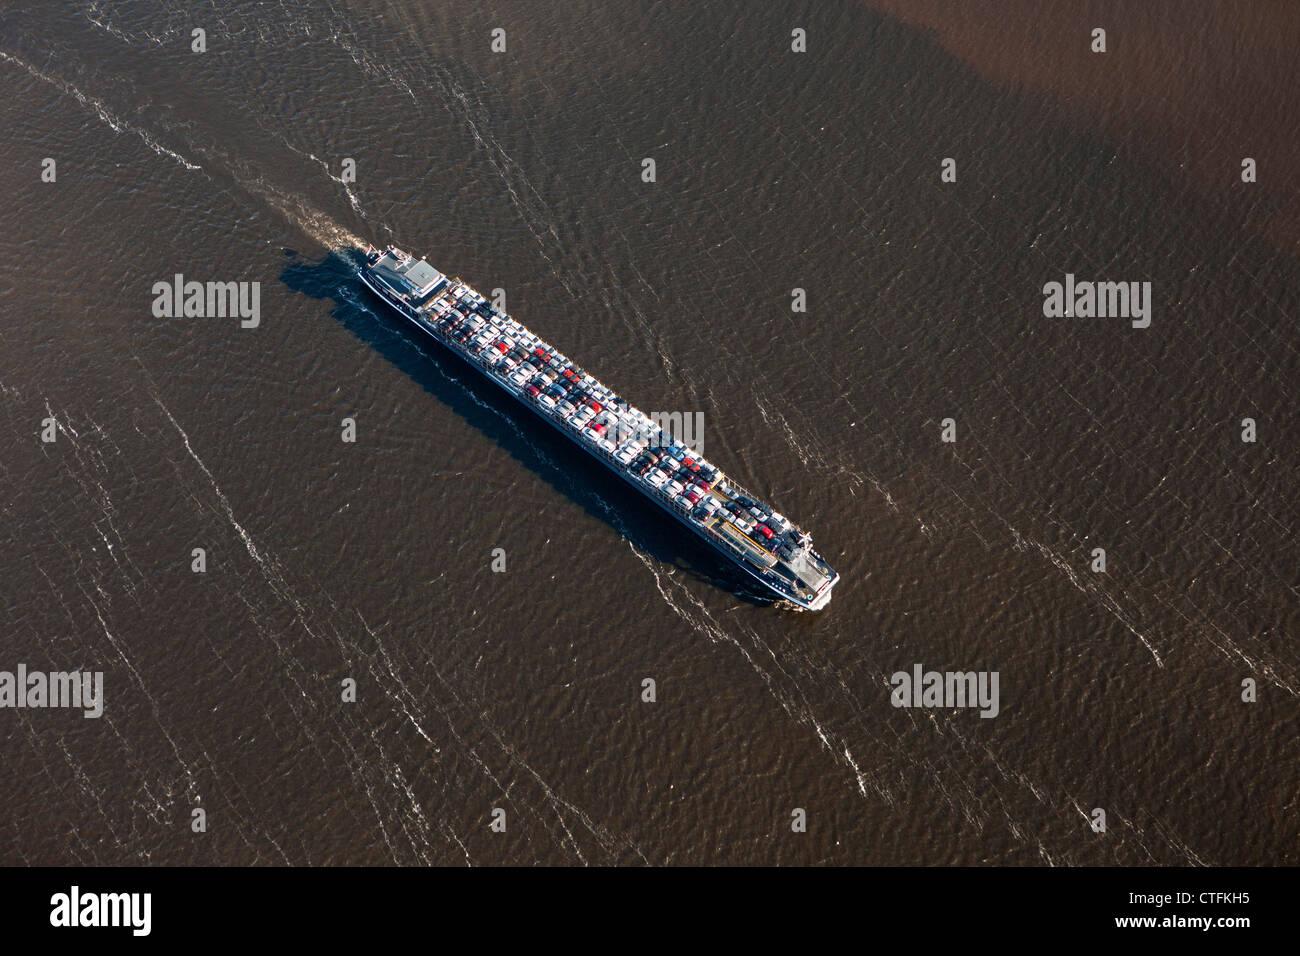 Les Pays-Bas, Willemstad, Rivière-bateau transportant des voitures. Vue aérienne. Banque D'Images